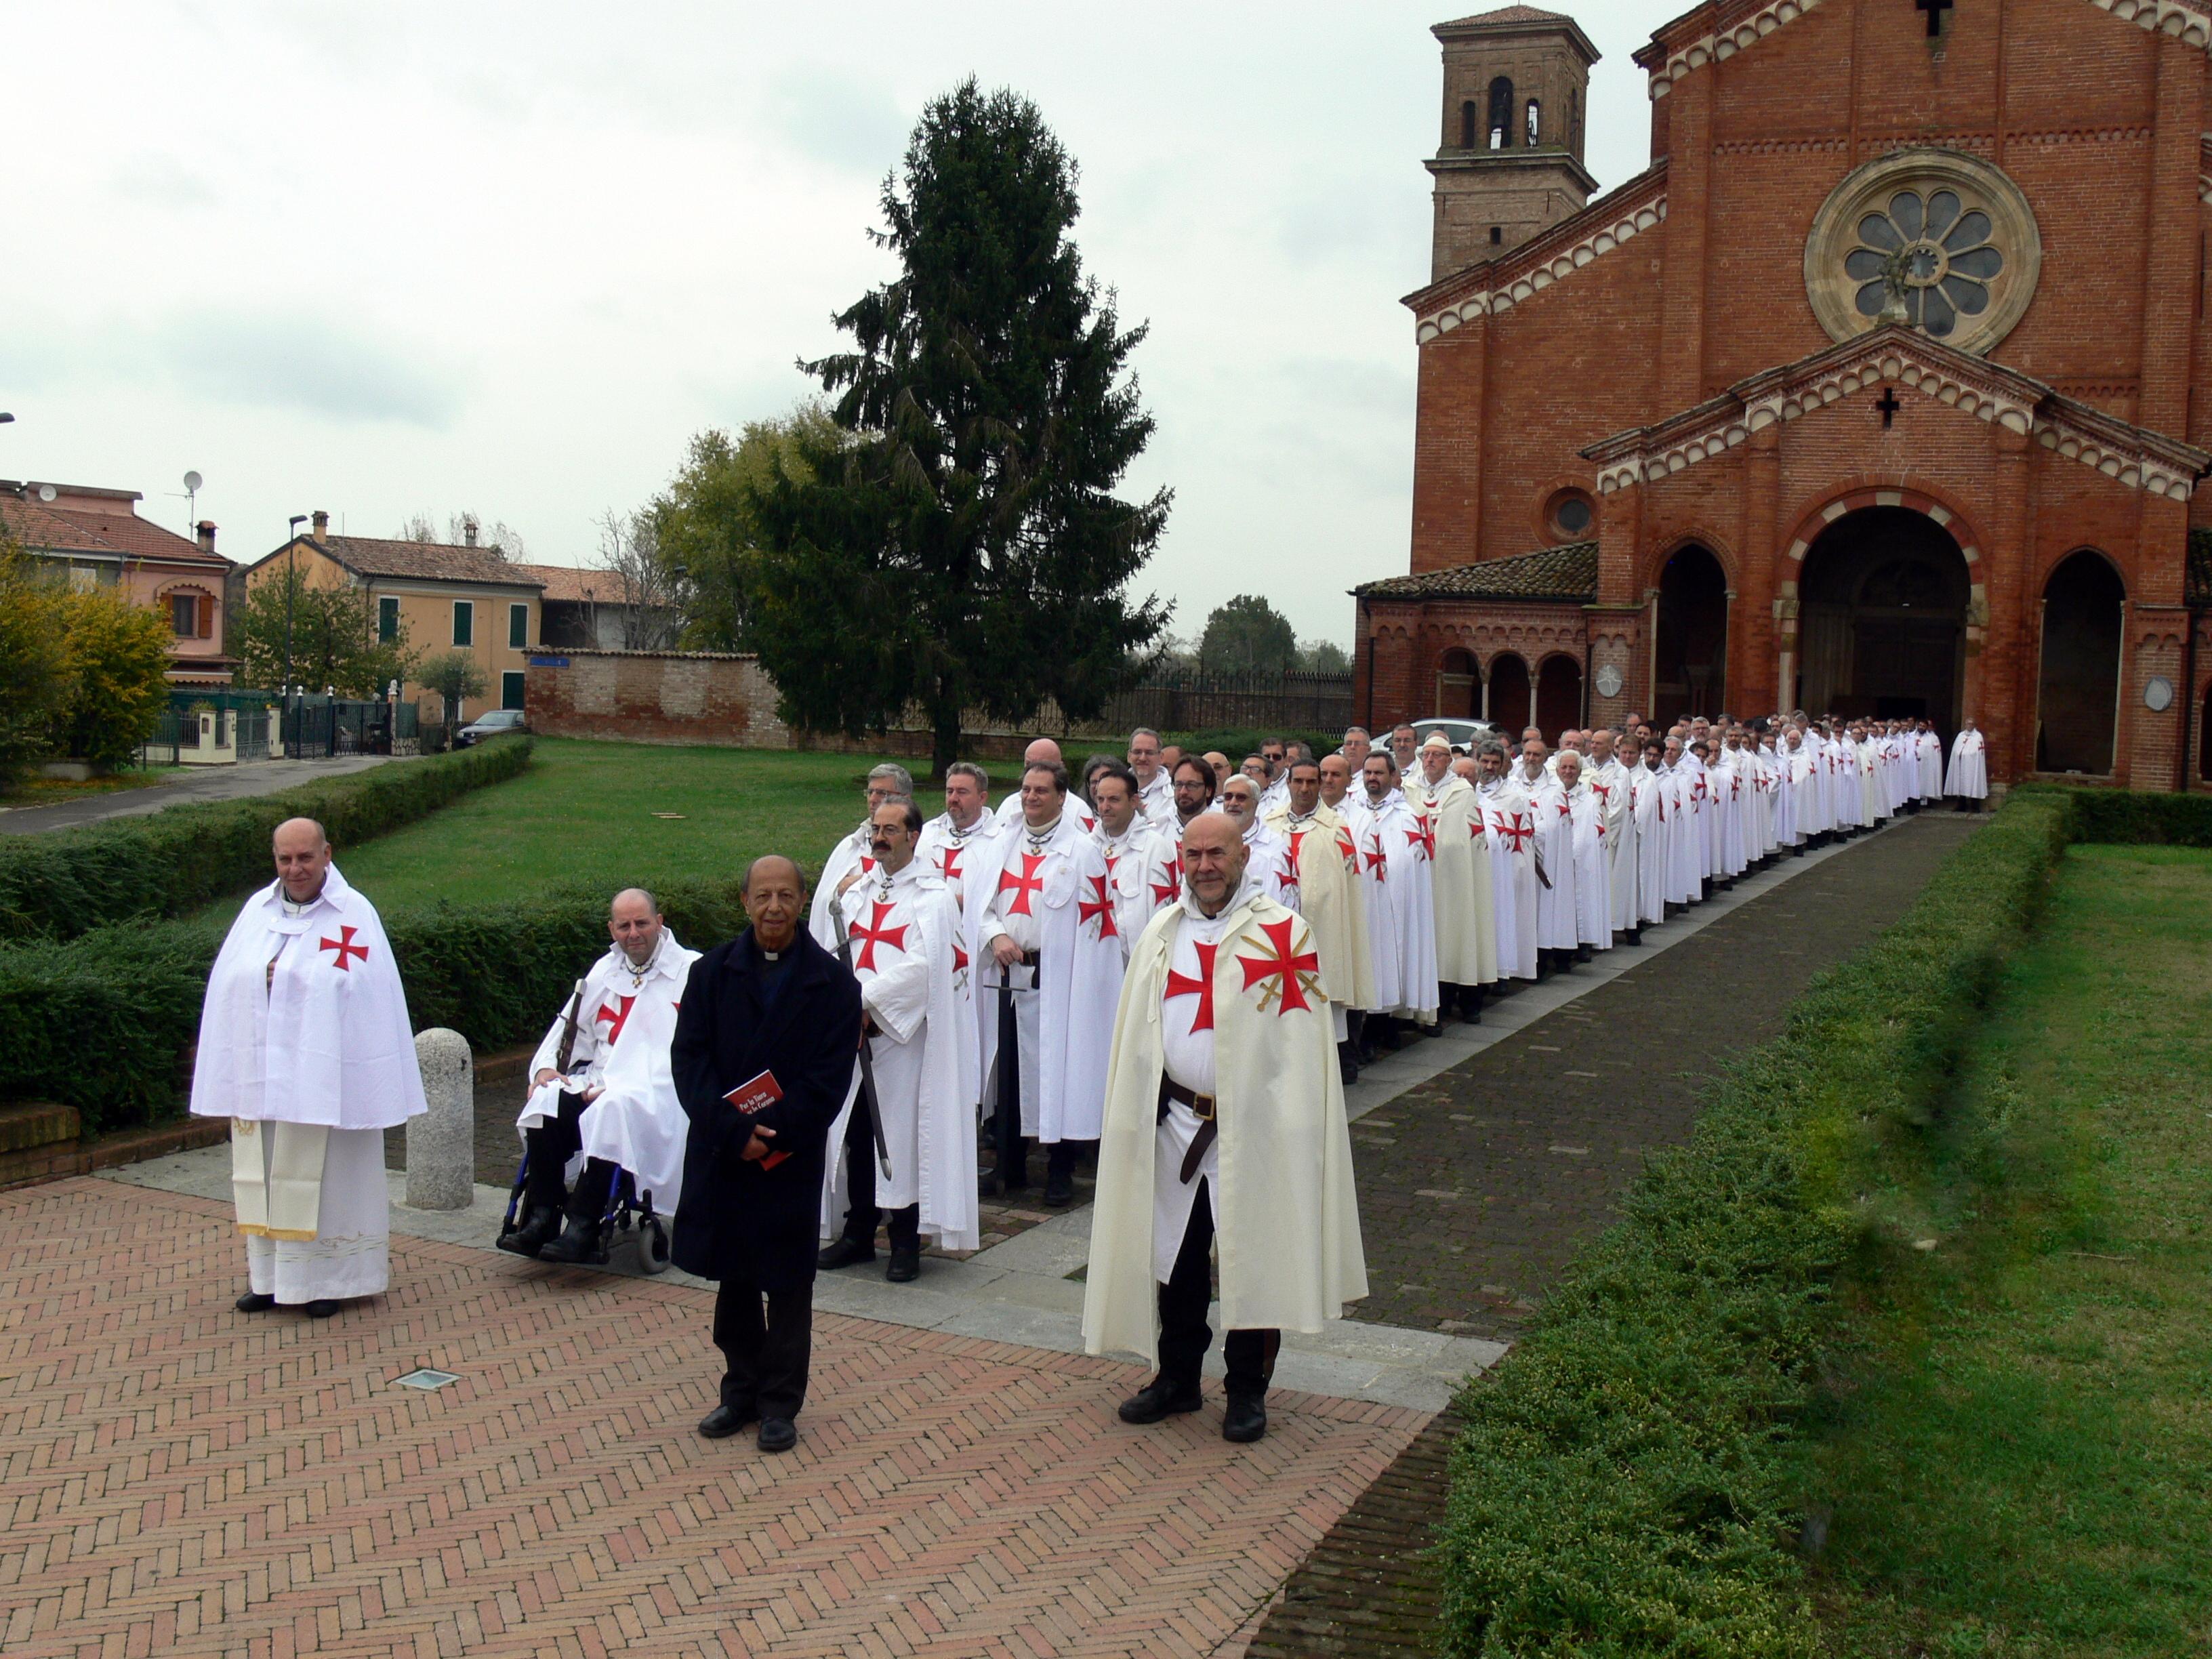 Die Katholischen Templer nehmen an den jährlichen Exerzitien in der Abtei von Chiaravalle della Colomba in Alseno, Piacenza, teil.